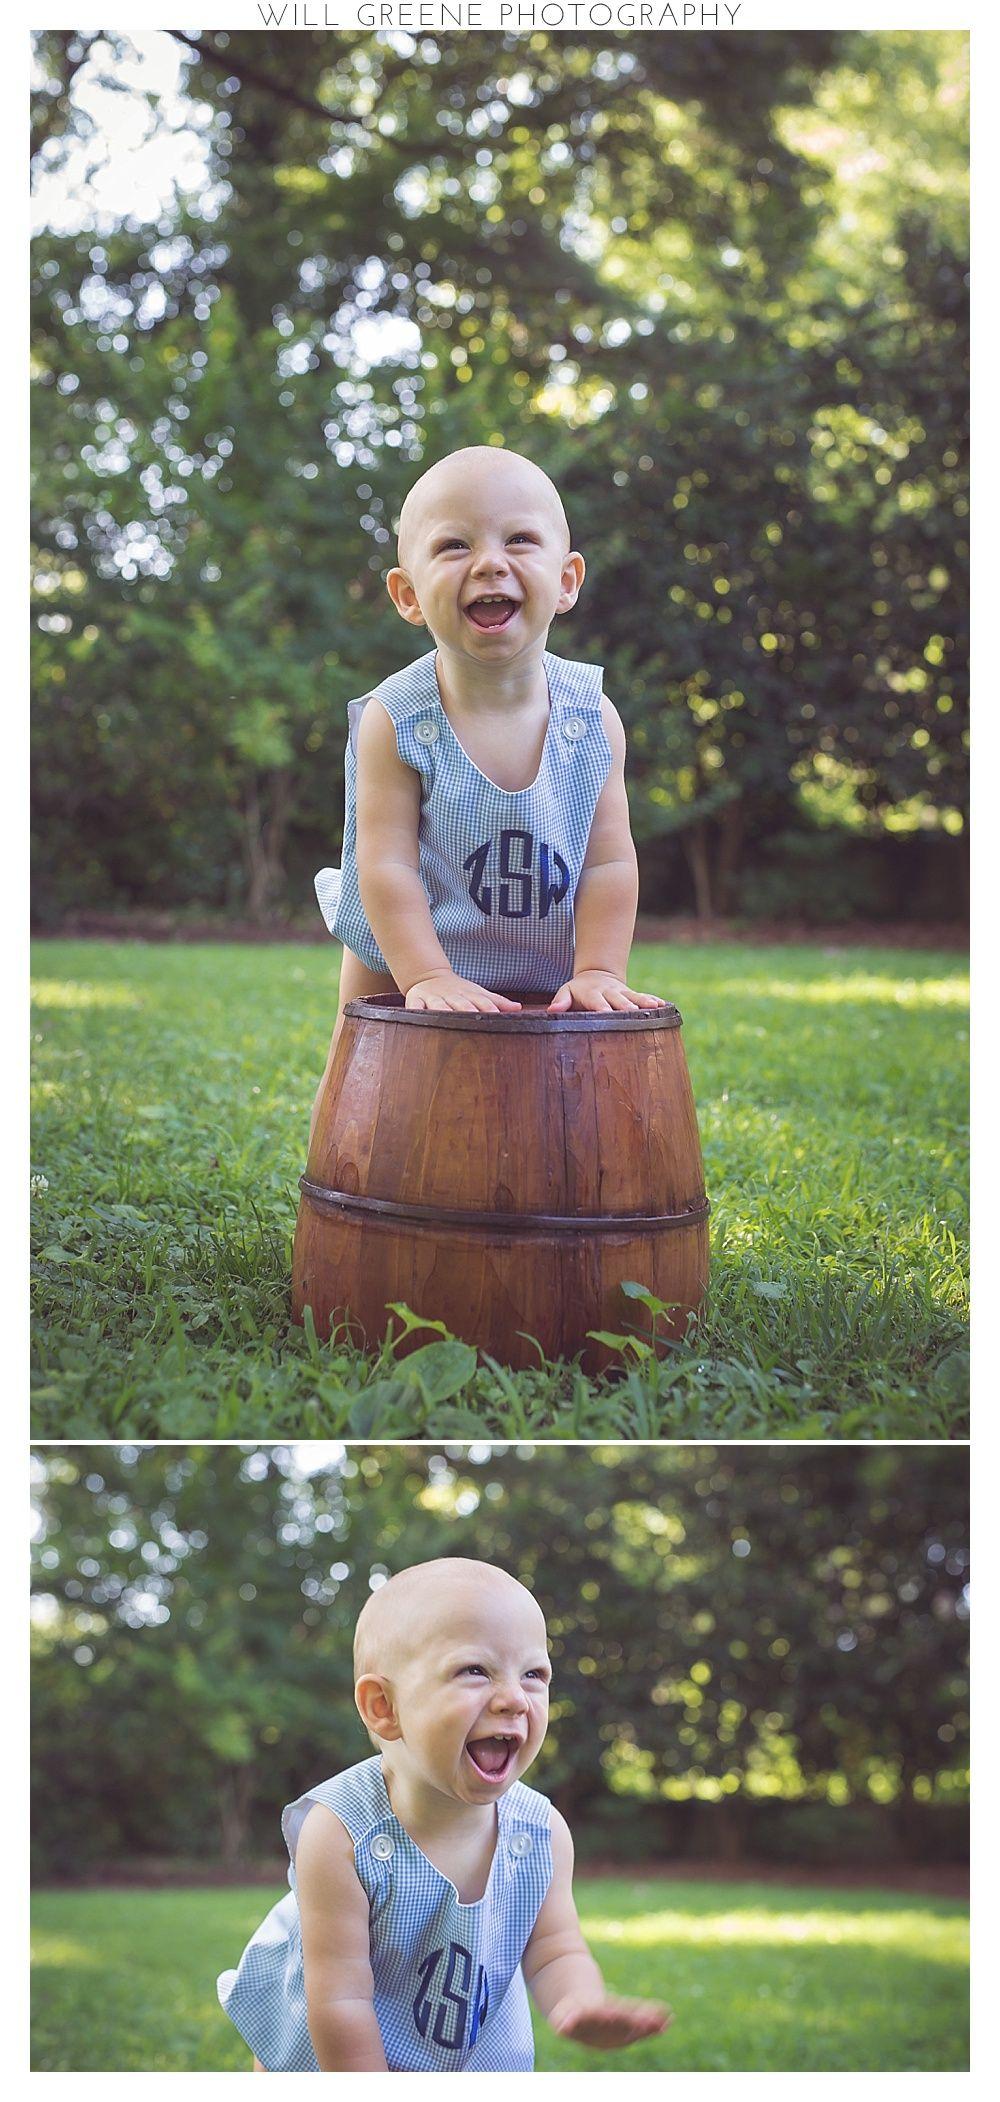 Zeke's 1 year photo shoot & cake smash, Wilson NC, Will Greene Photography